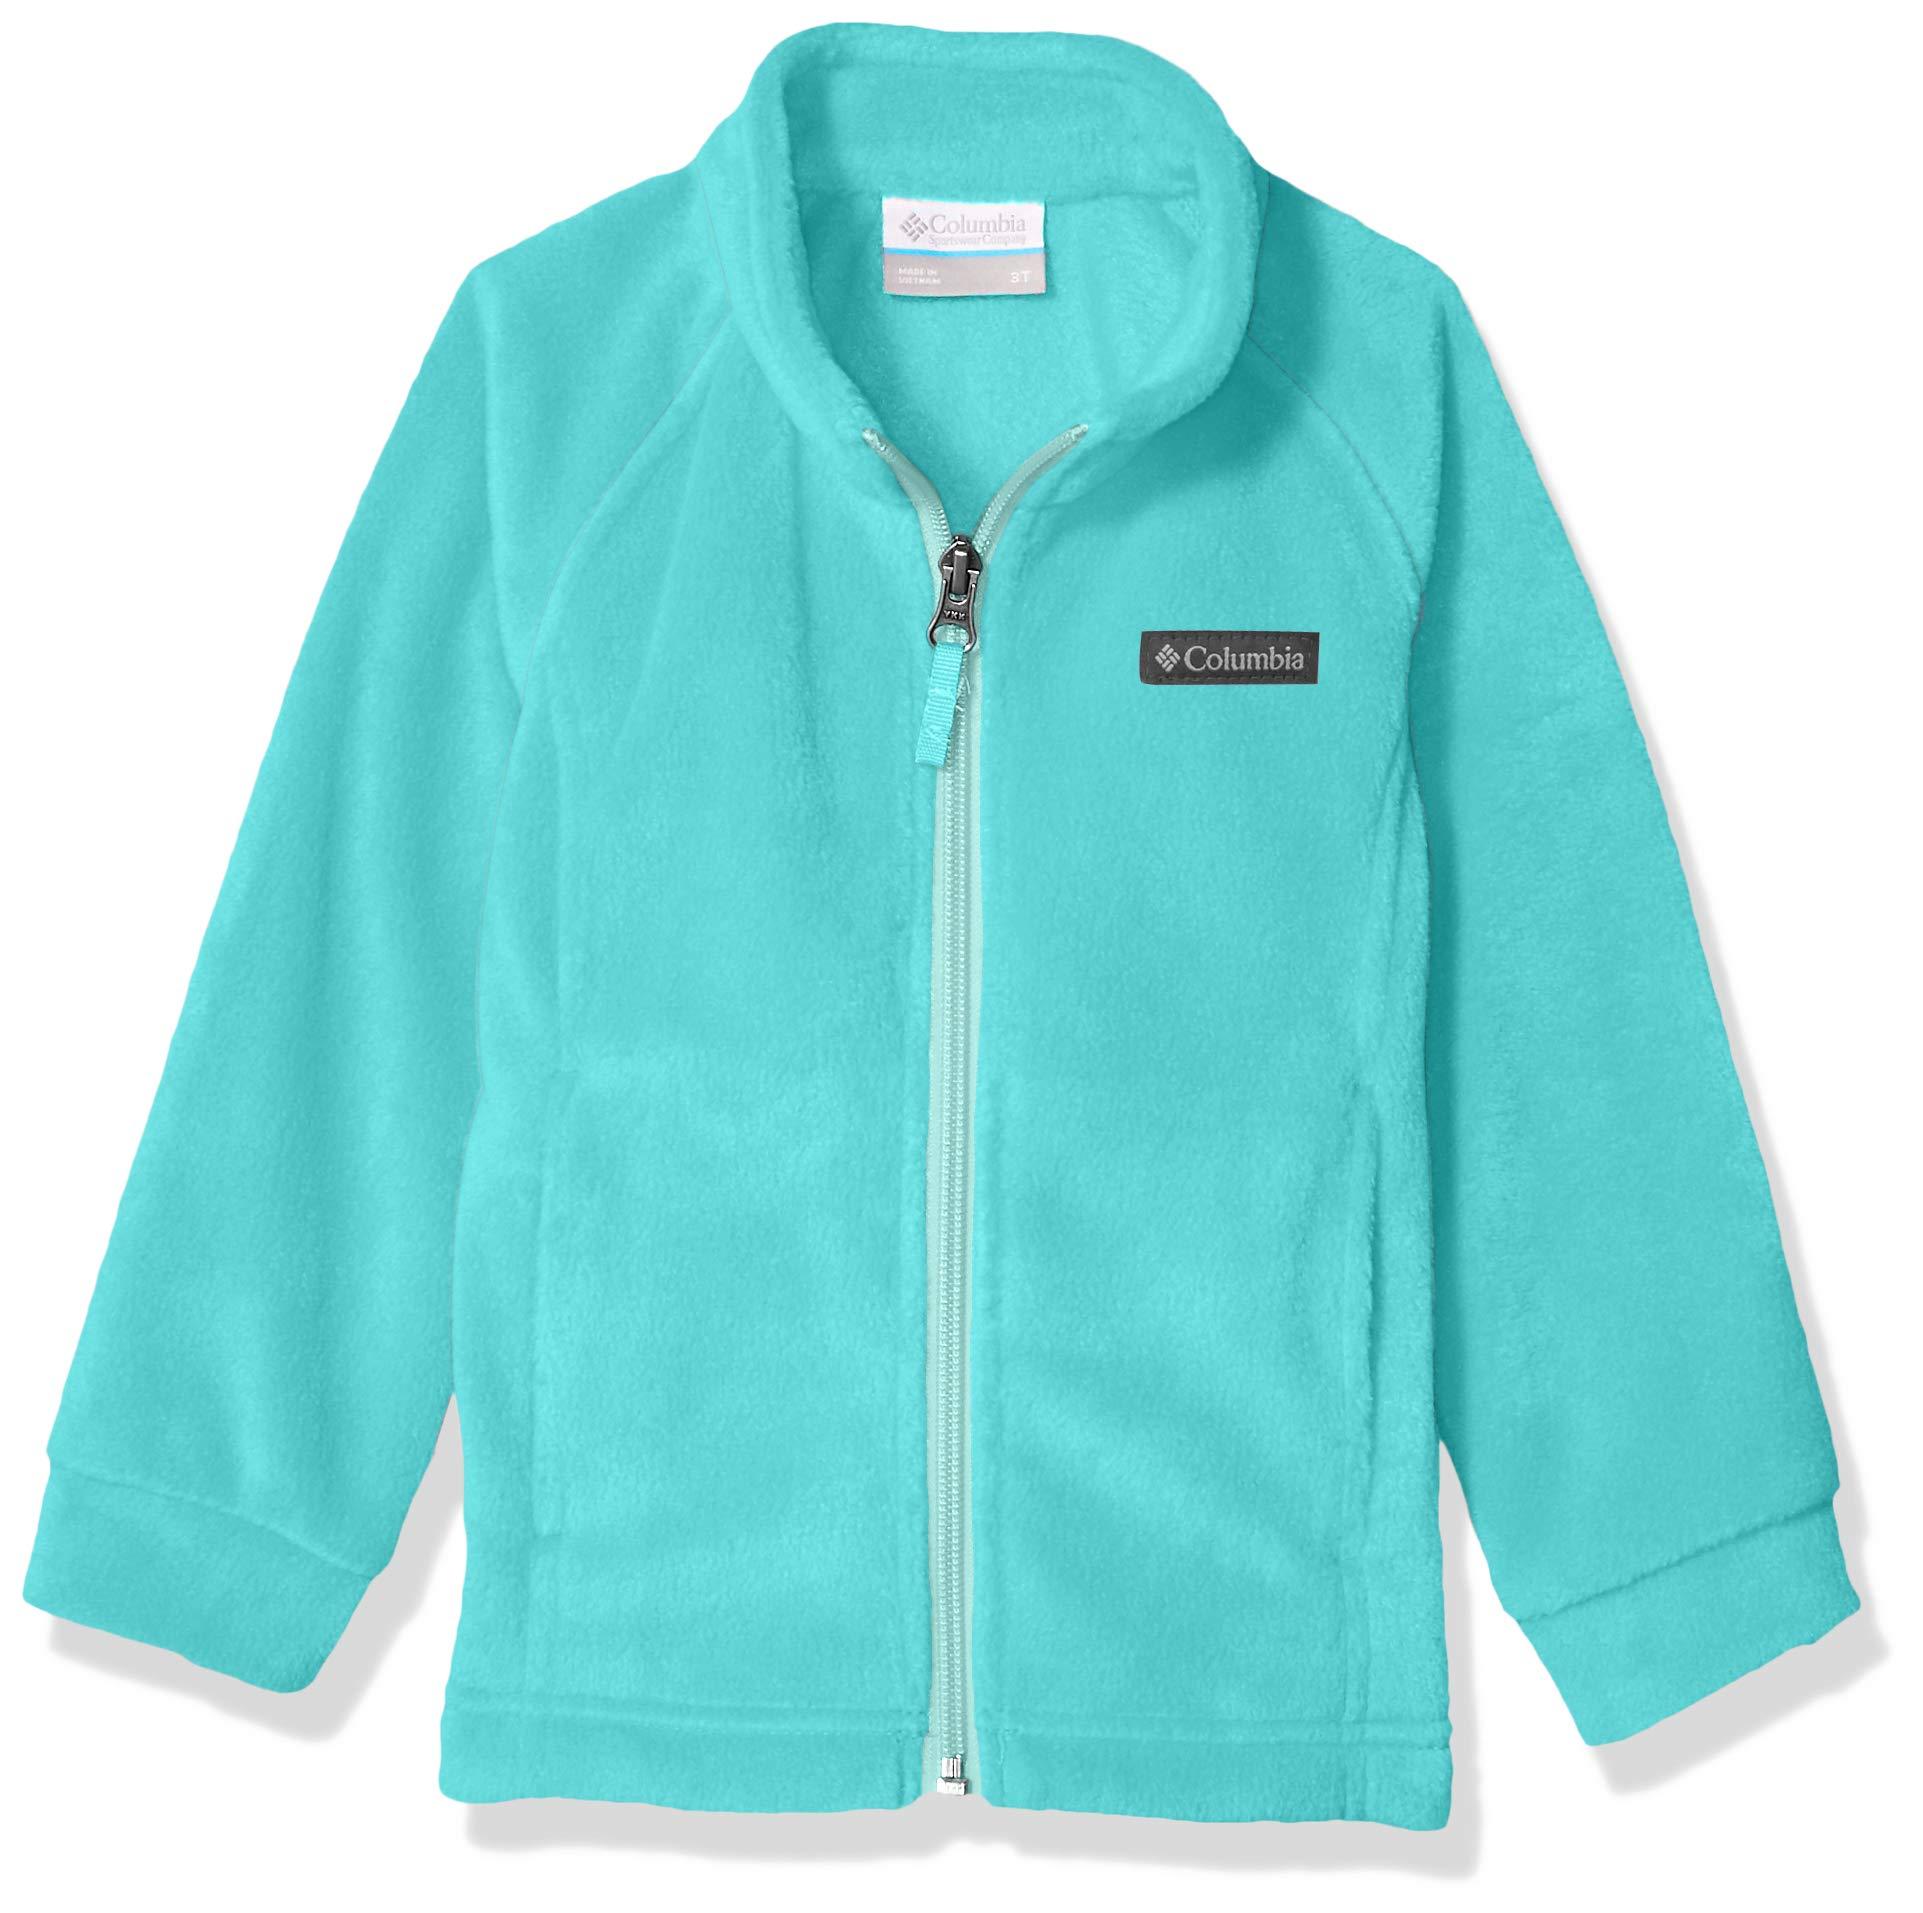 Columbia Big Girl's Benton Springs Fleece Outerwear Geyser/Spray Medium by Columbia